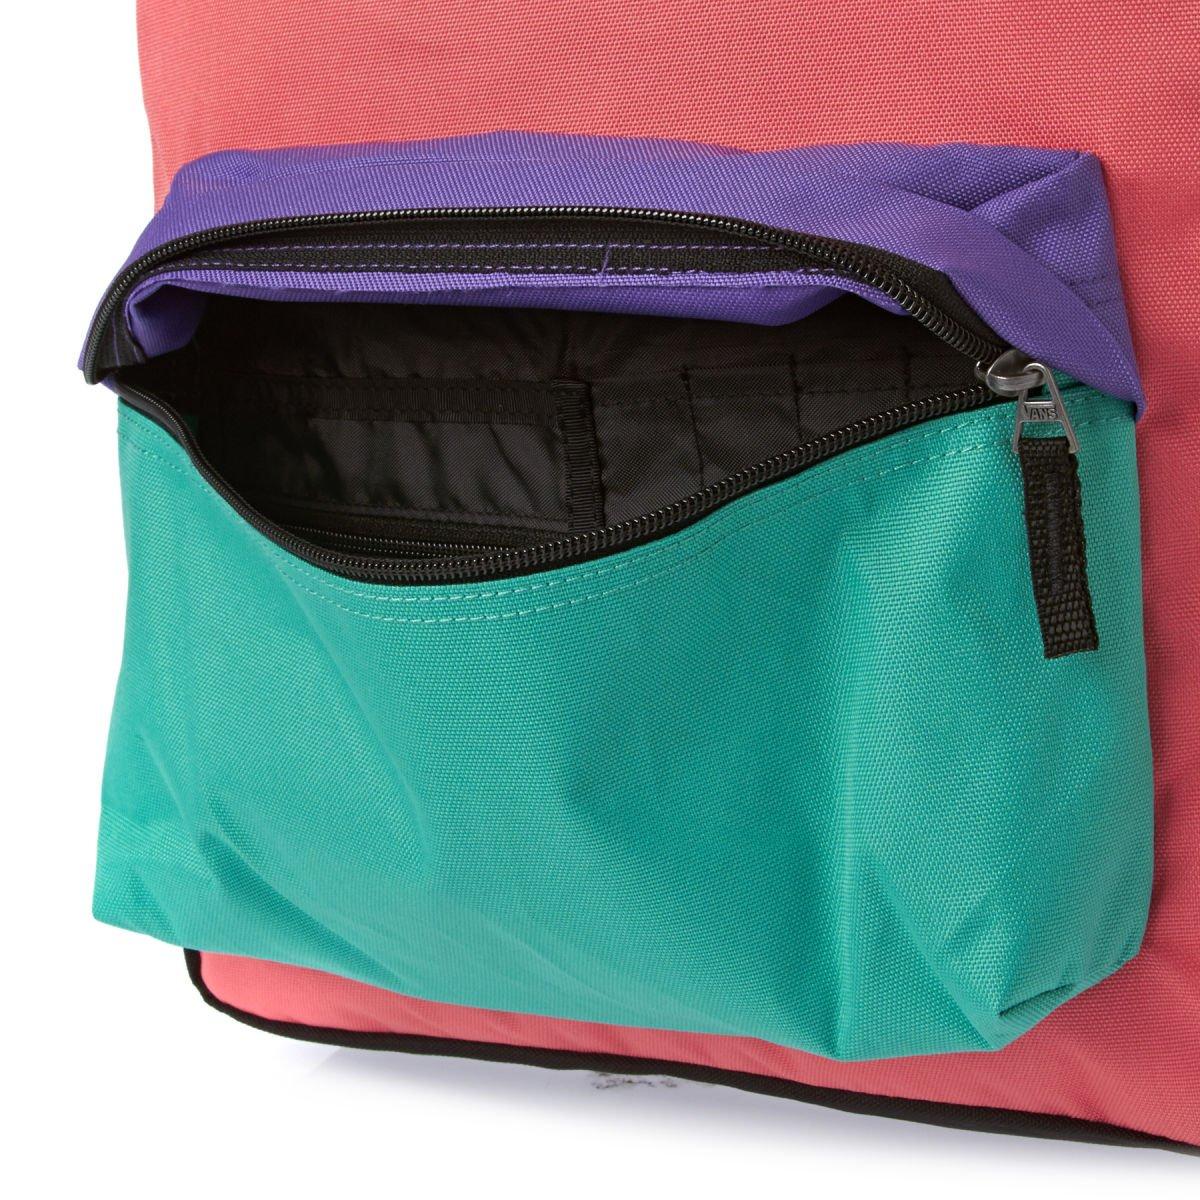 Vans Realm Backpack - Mochila, color negro/morado / azul/naranja, talla única: Amazon.es: Zapatos y complementos